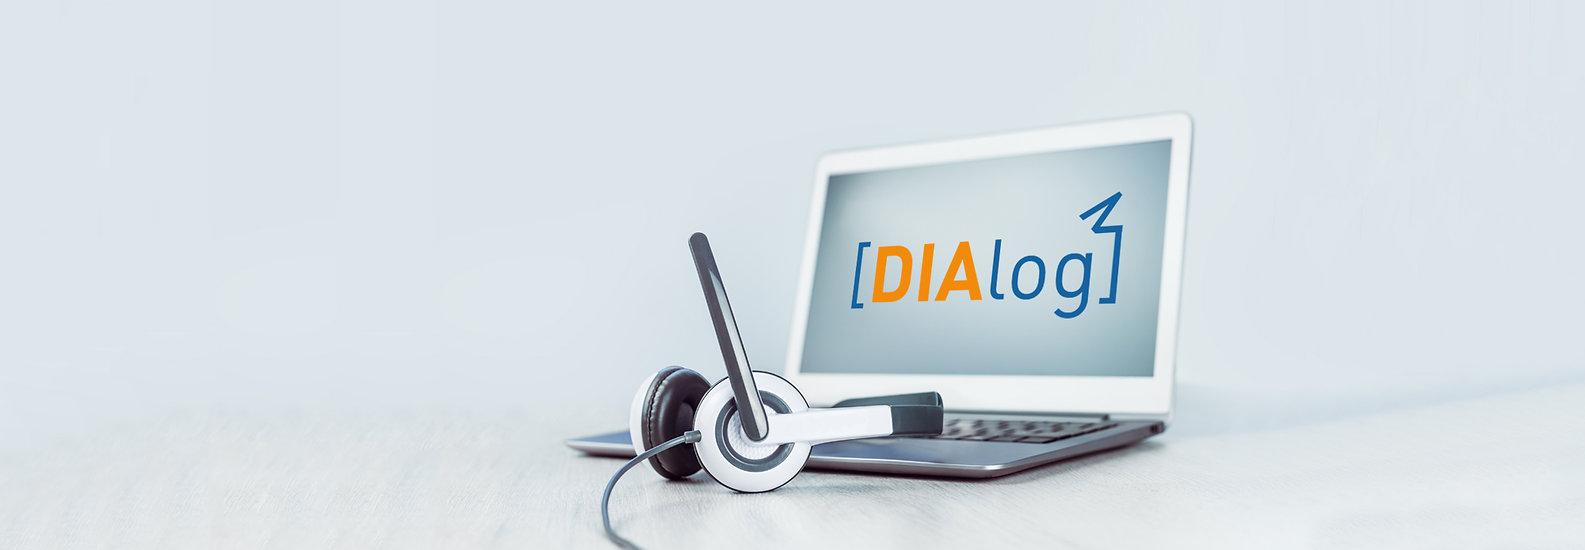 Slider [DIAlog].jpg